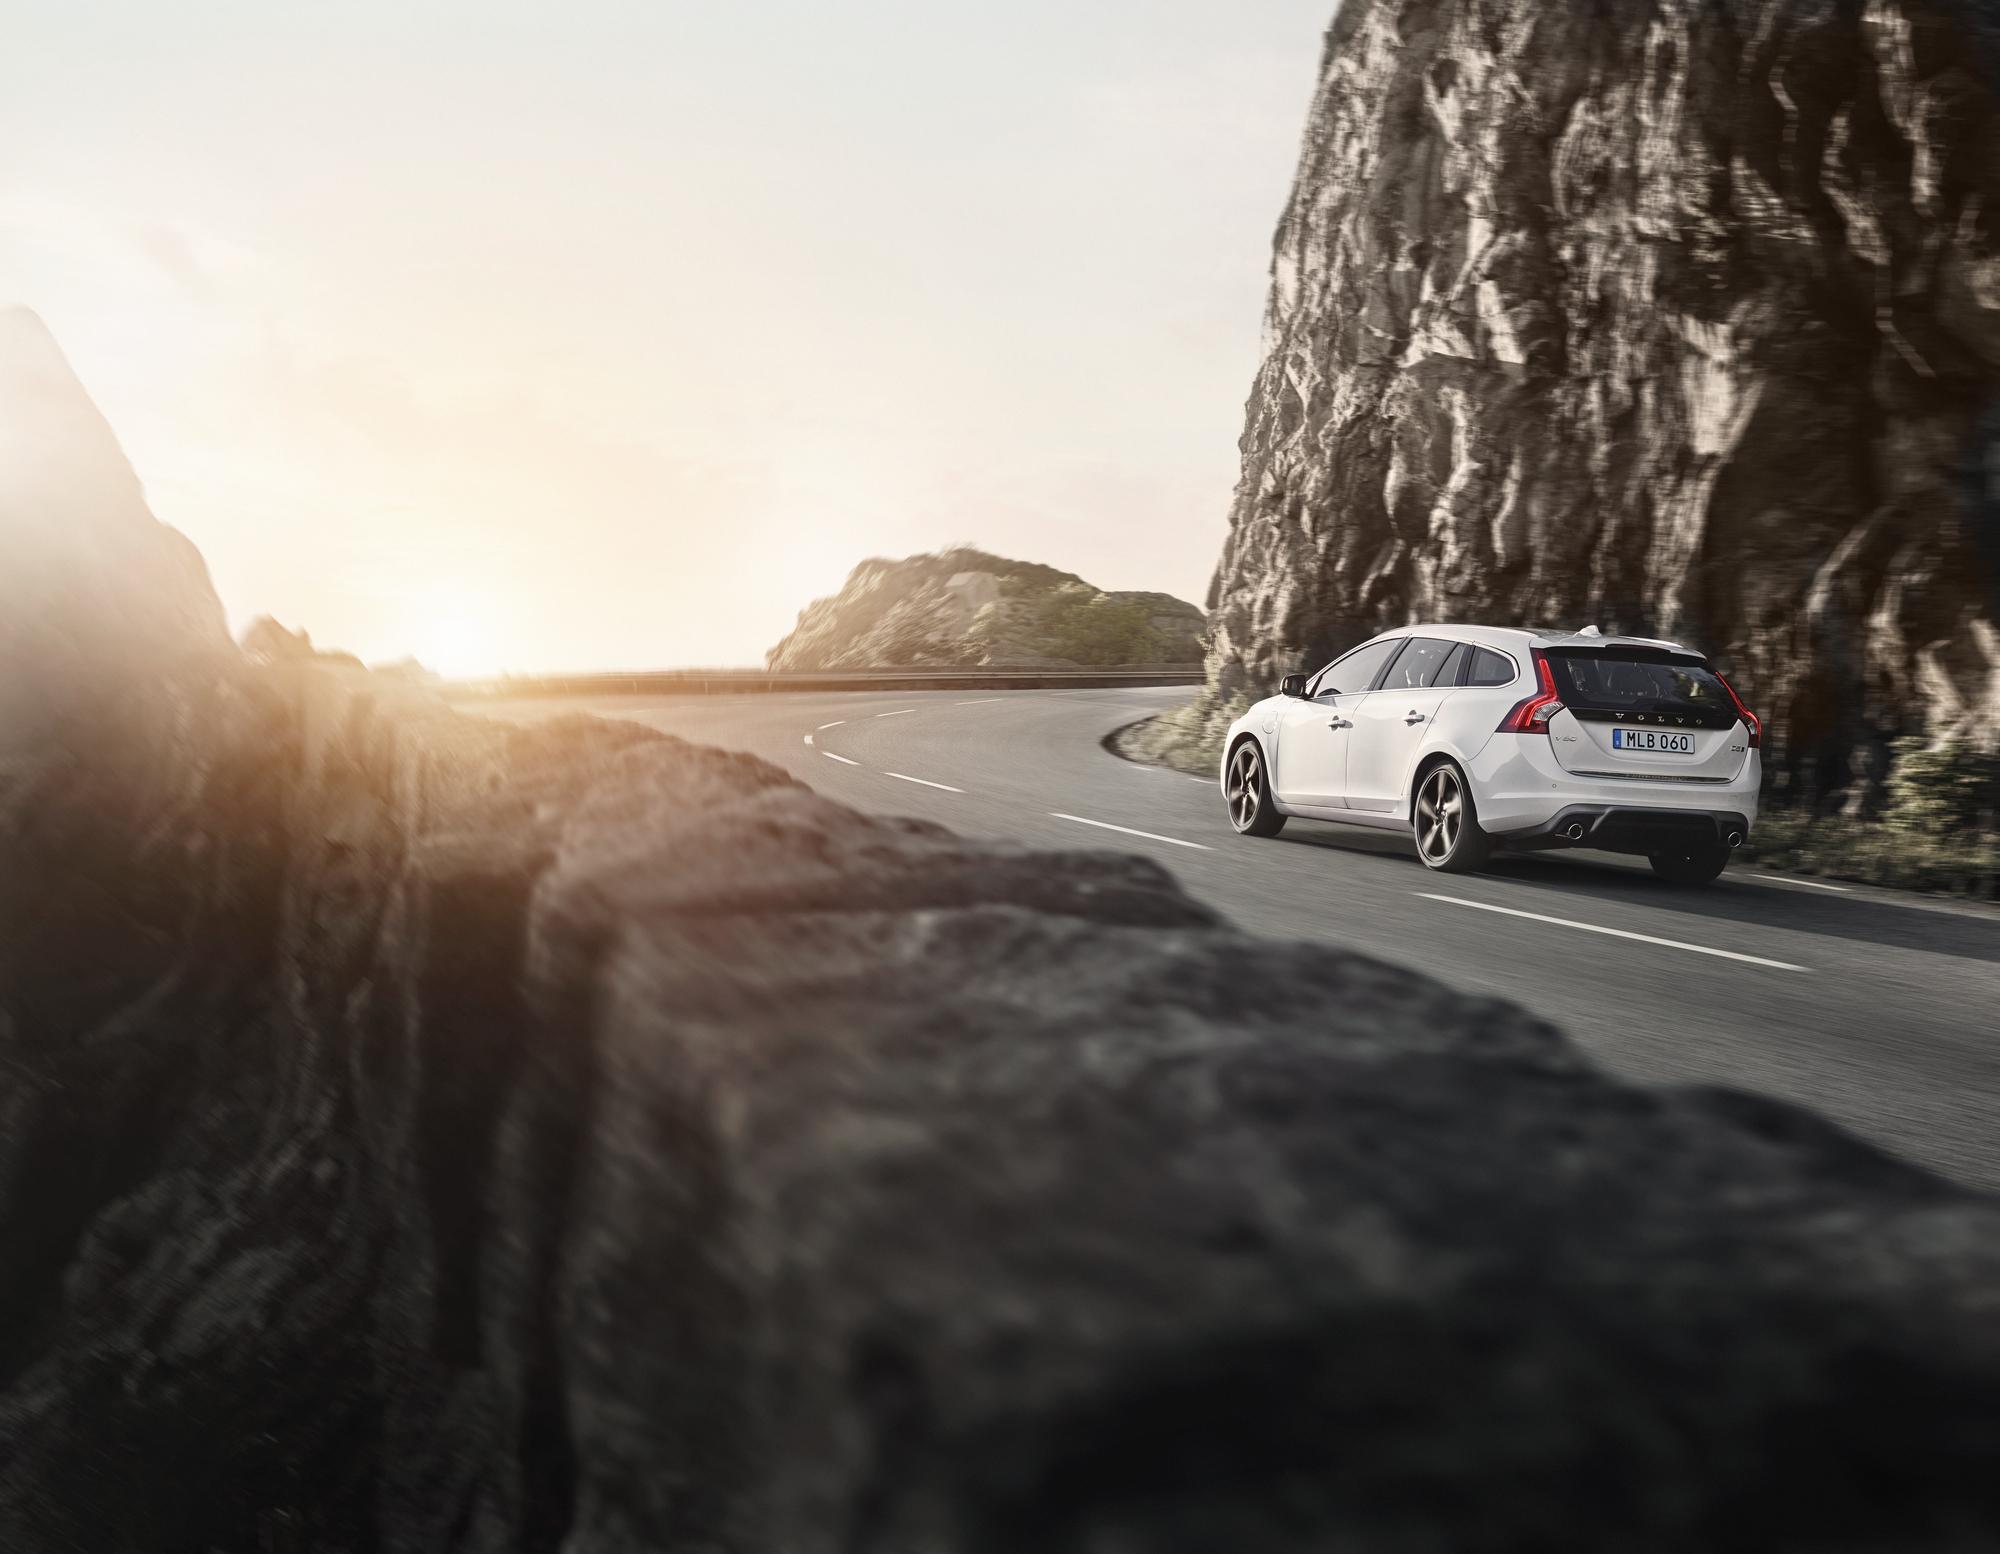 Volvo V60 Twin Engine Plug-in Hybrid kjører fra oss på en fjellvei i solen